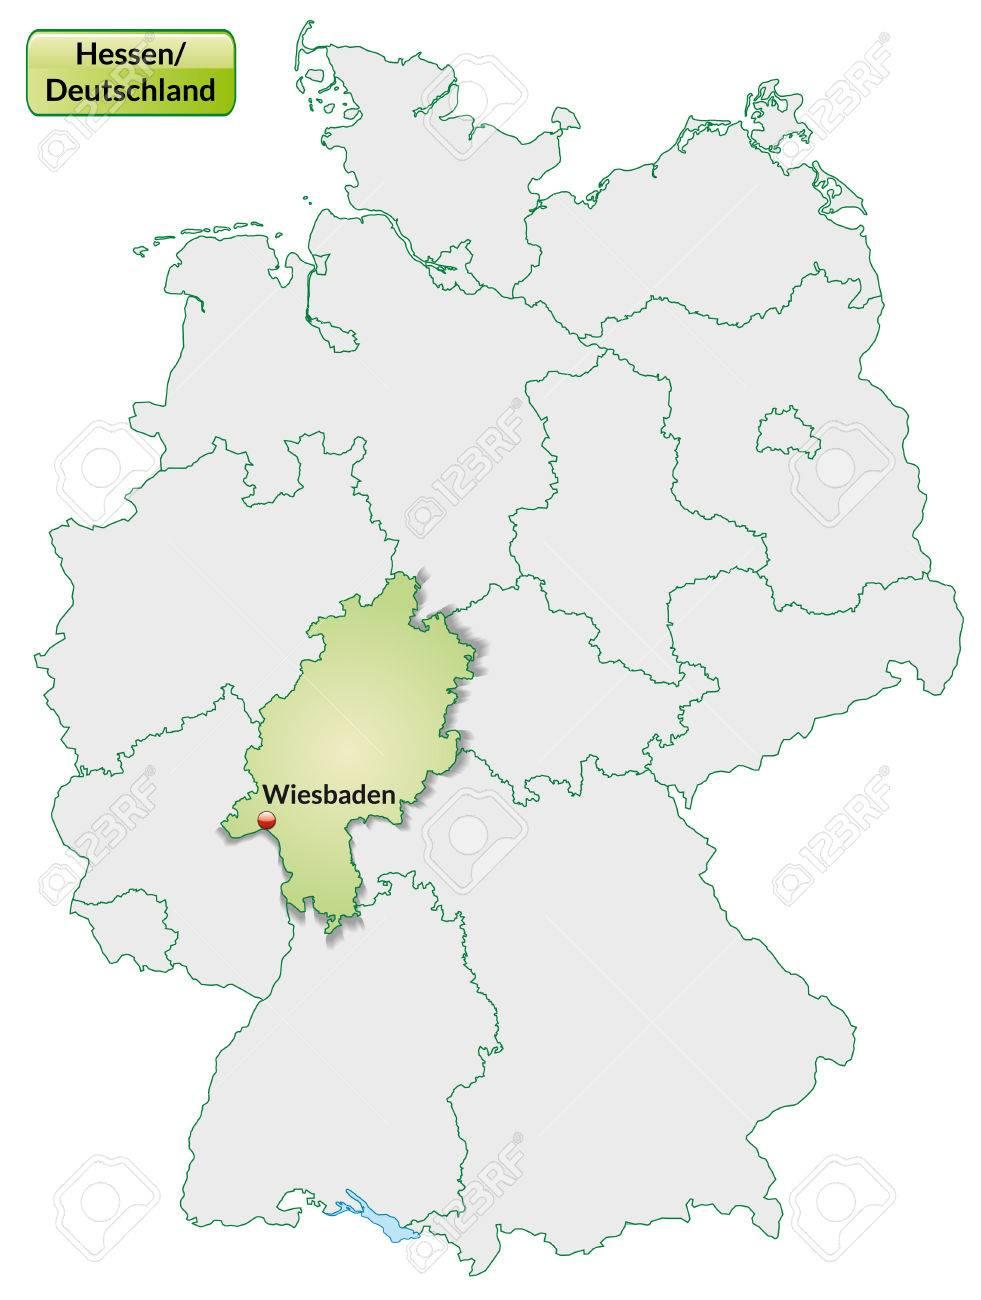 Karte Von Hessen Mit Den Wichtigsten Stadten In Pastellgrun